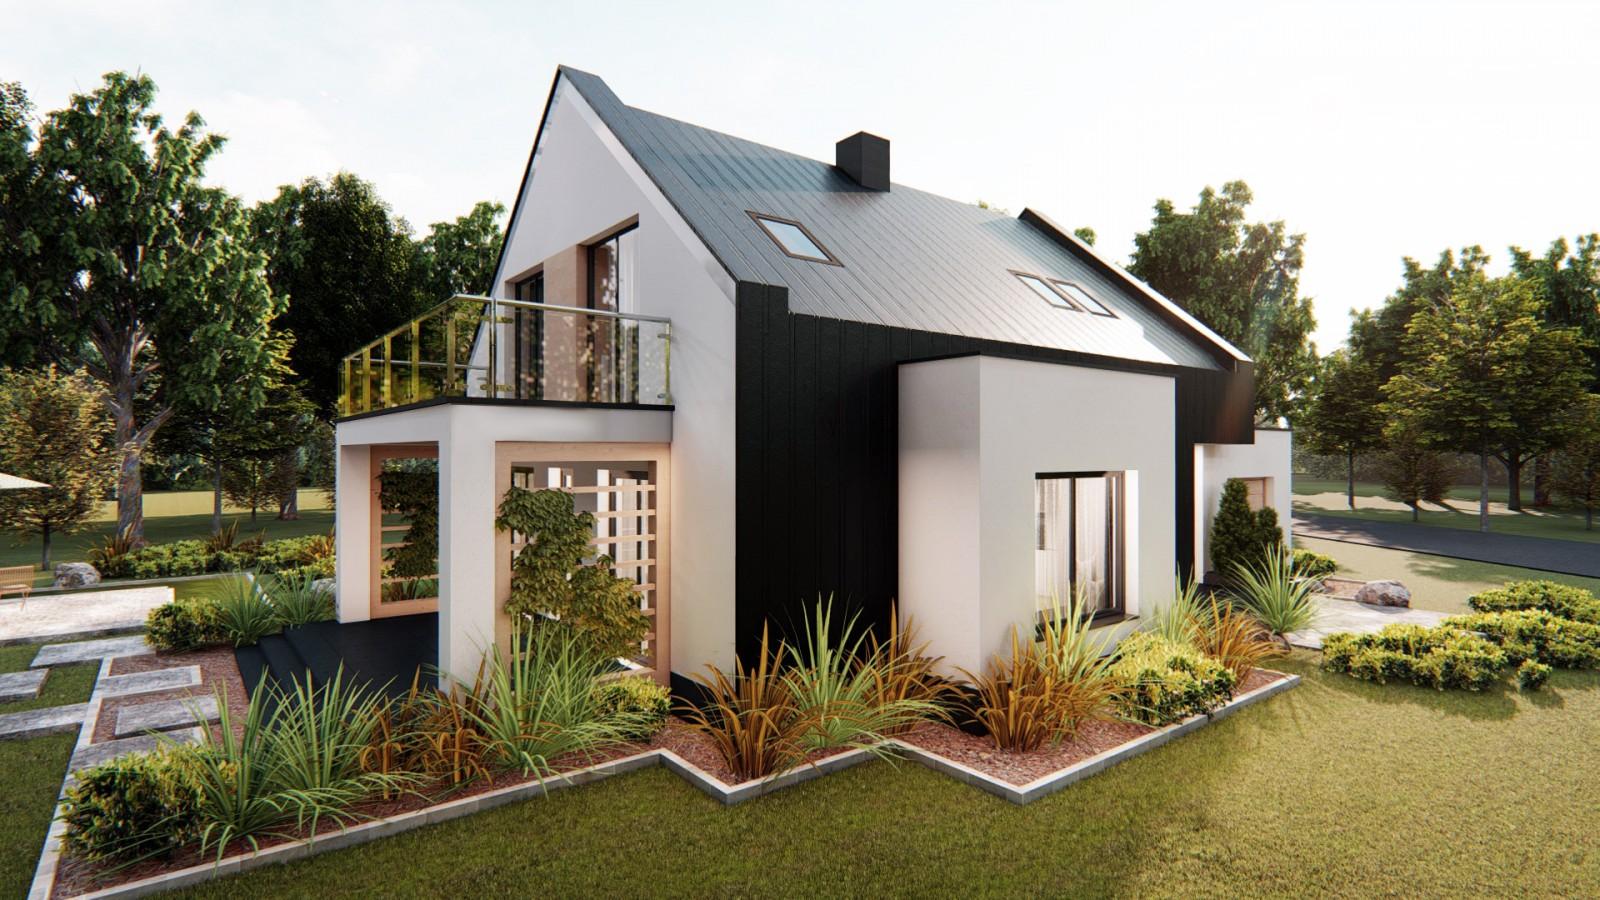 Projekty domów typu stodoła